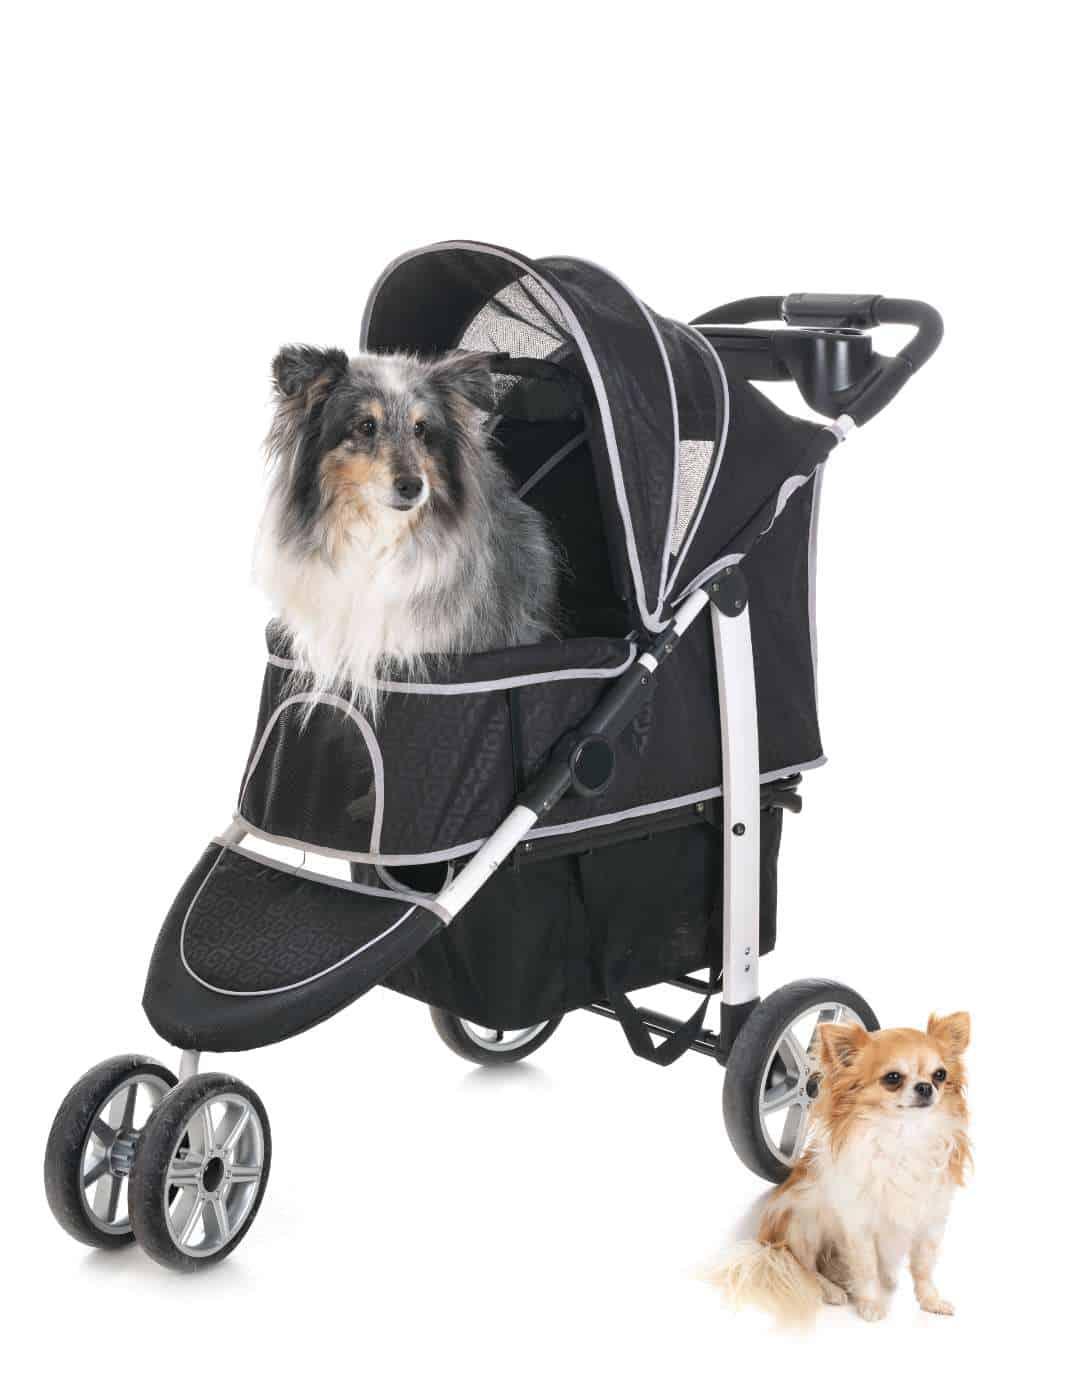 Best Dog pushchair